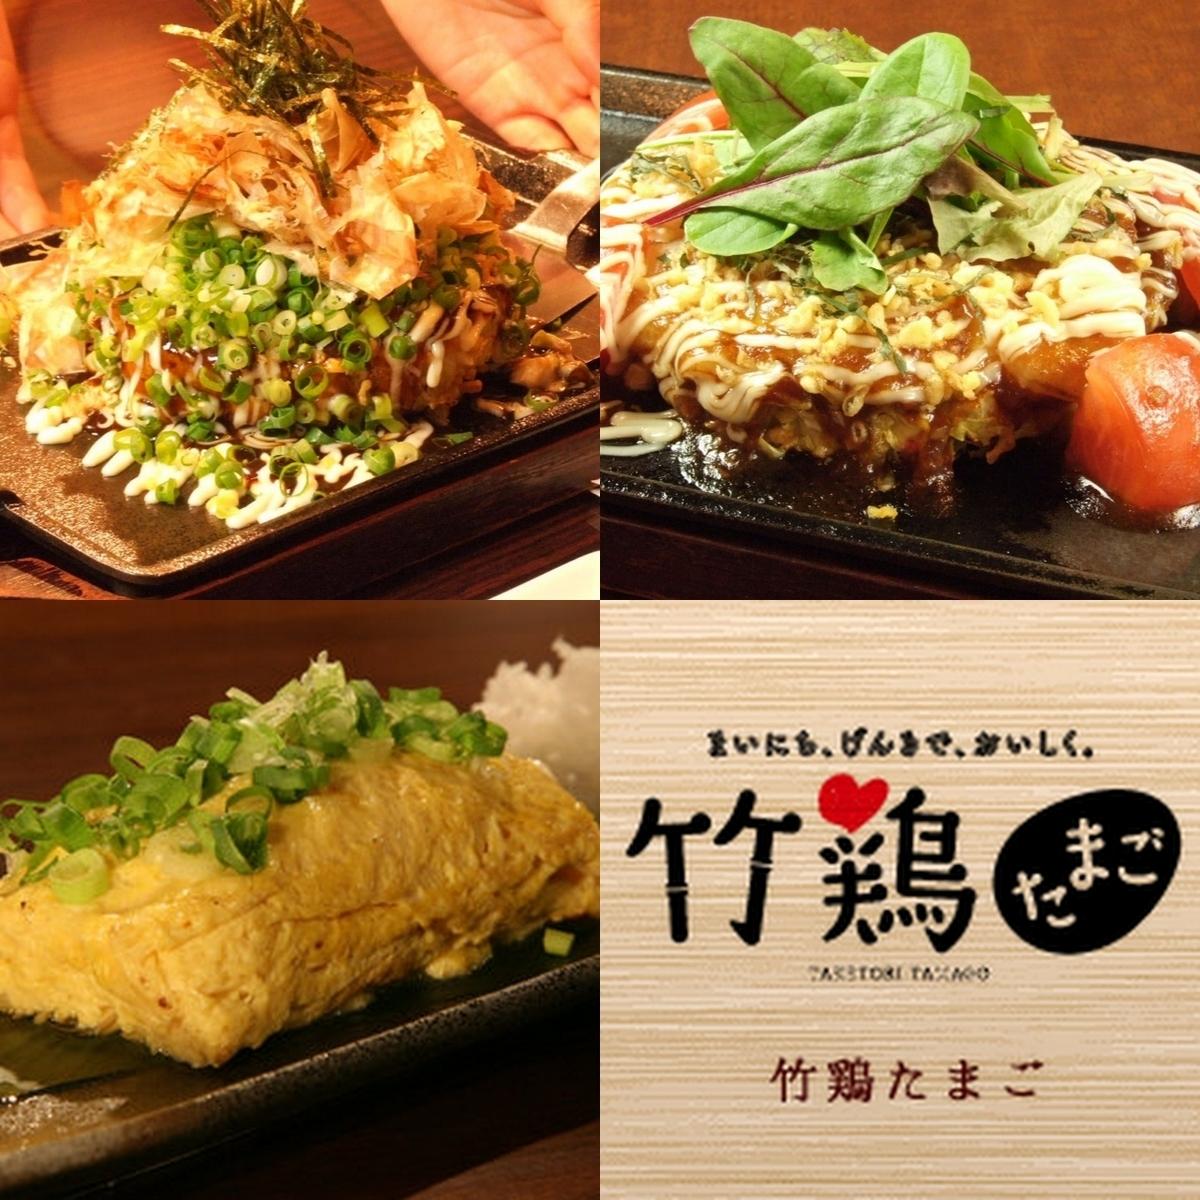 시라이시 계약 농장 竹鶏 농장 직송의 신선한 계란을 사용 ☆